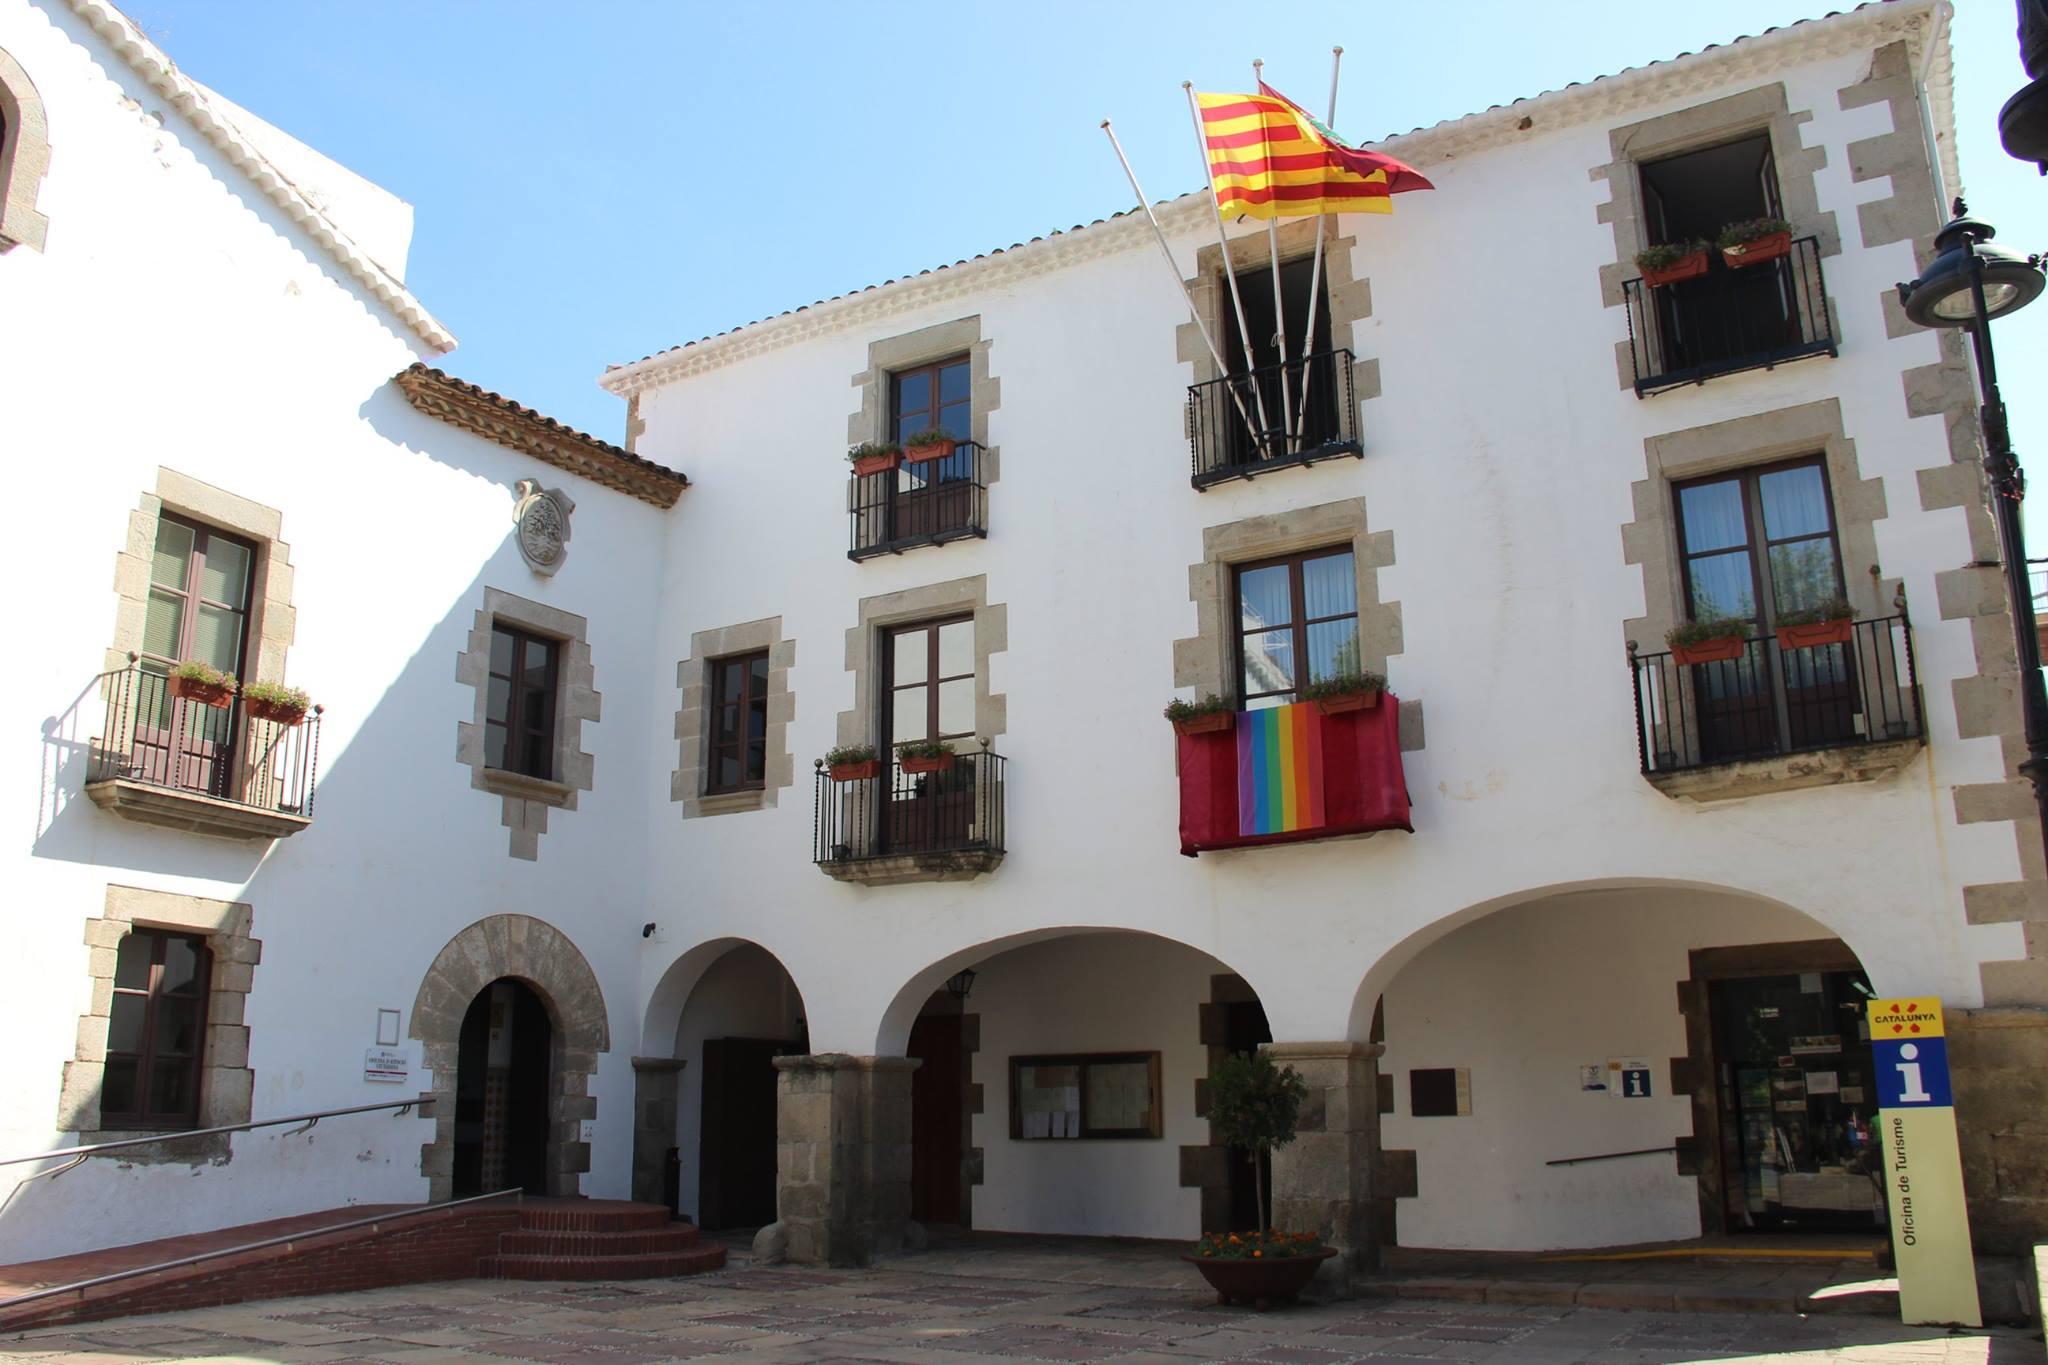 Ajuntament Arenys de Mar. Foto: Aj. Arenys